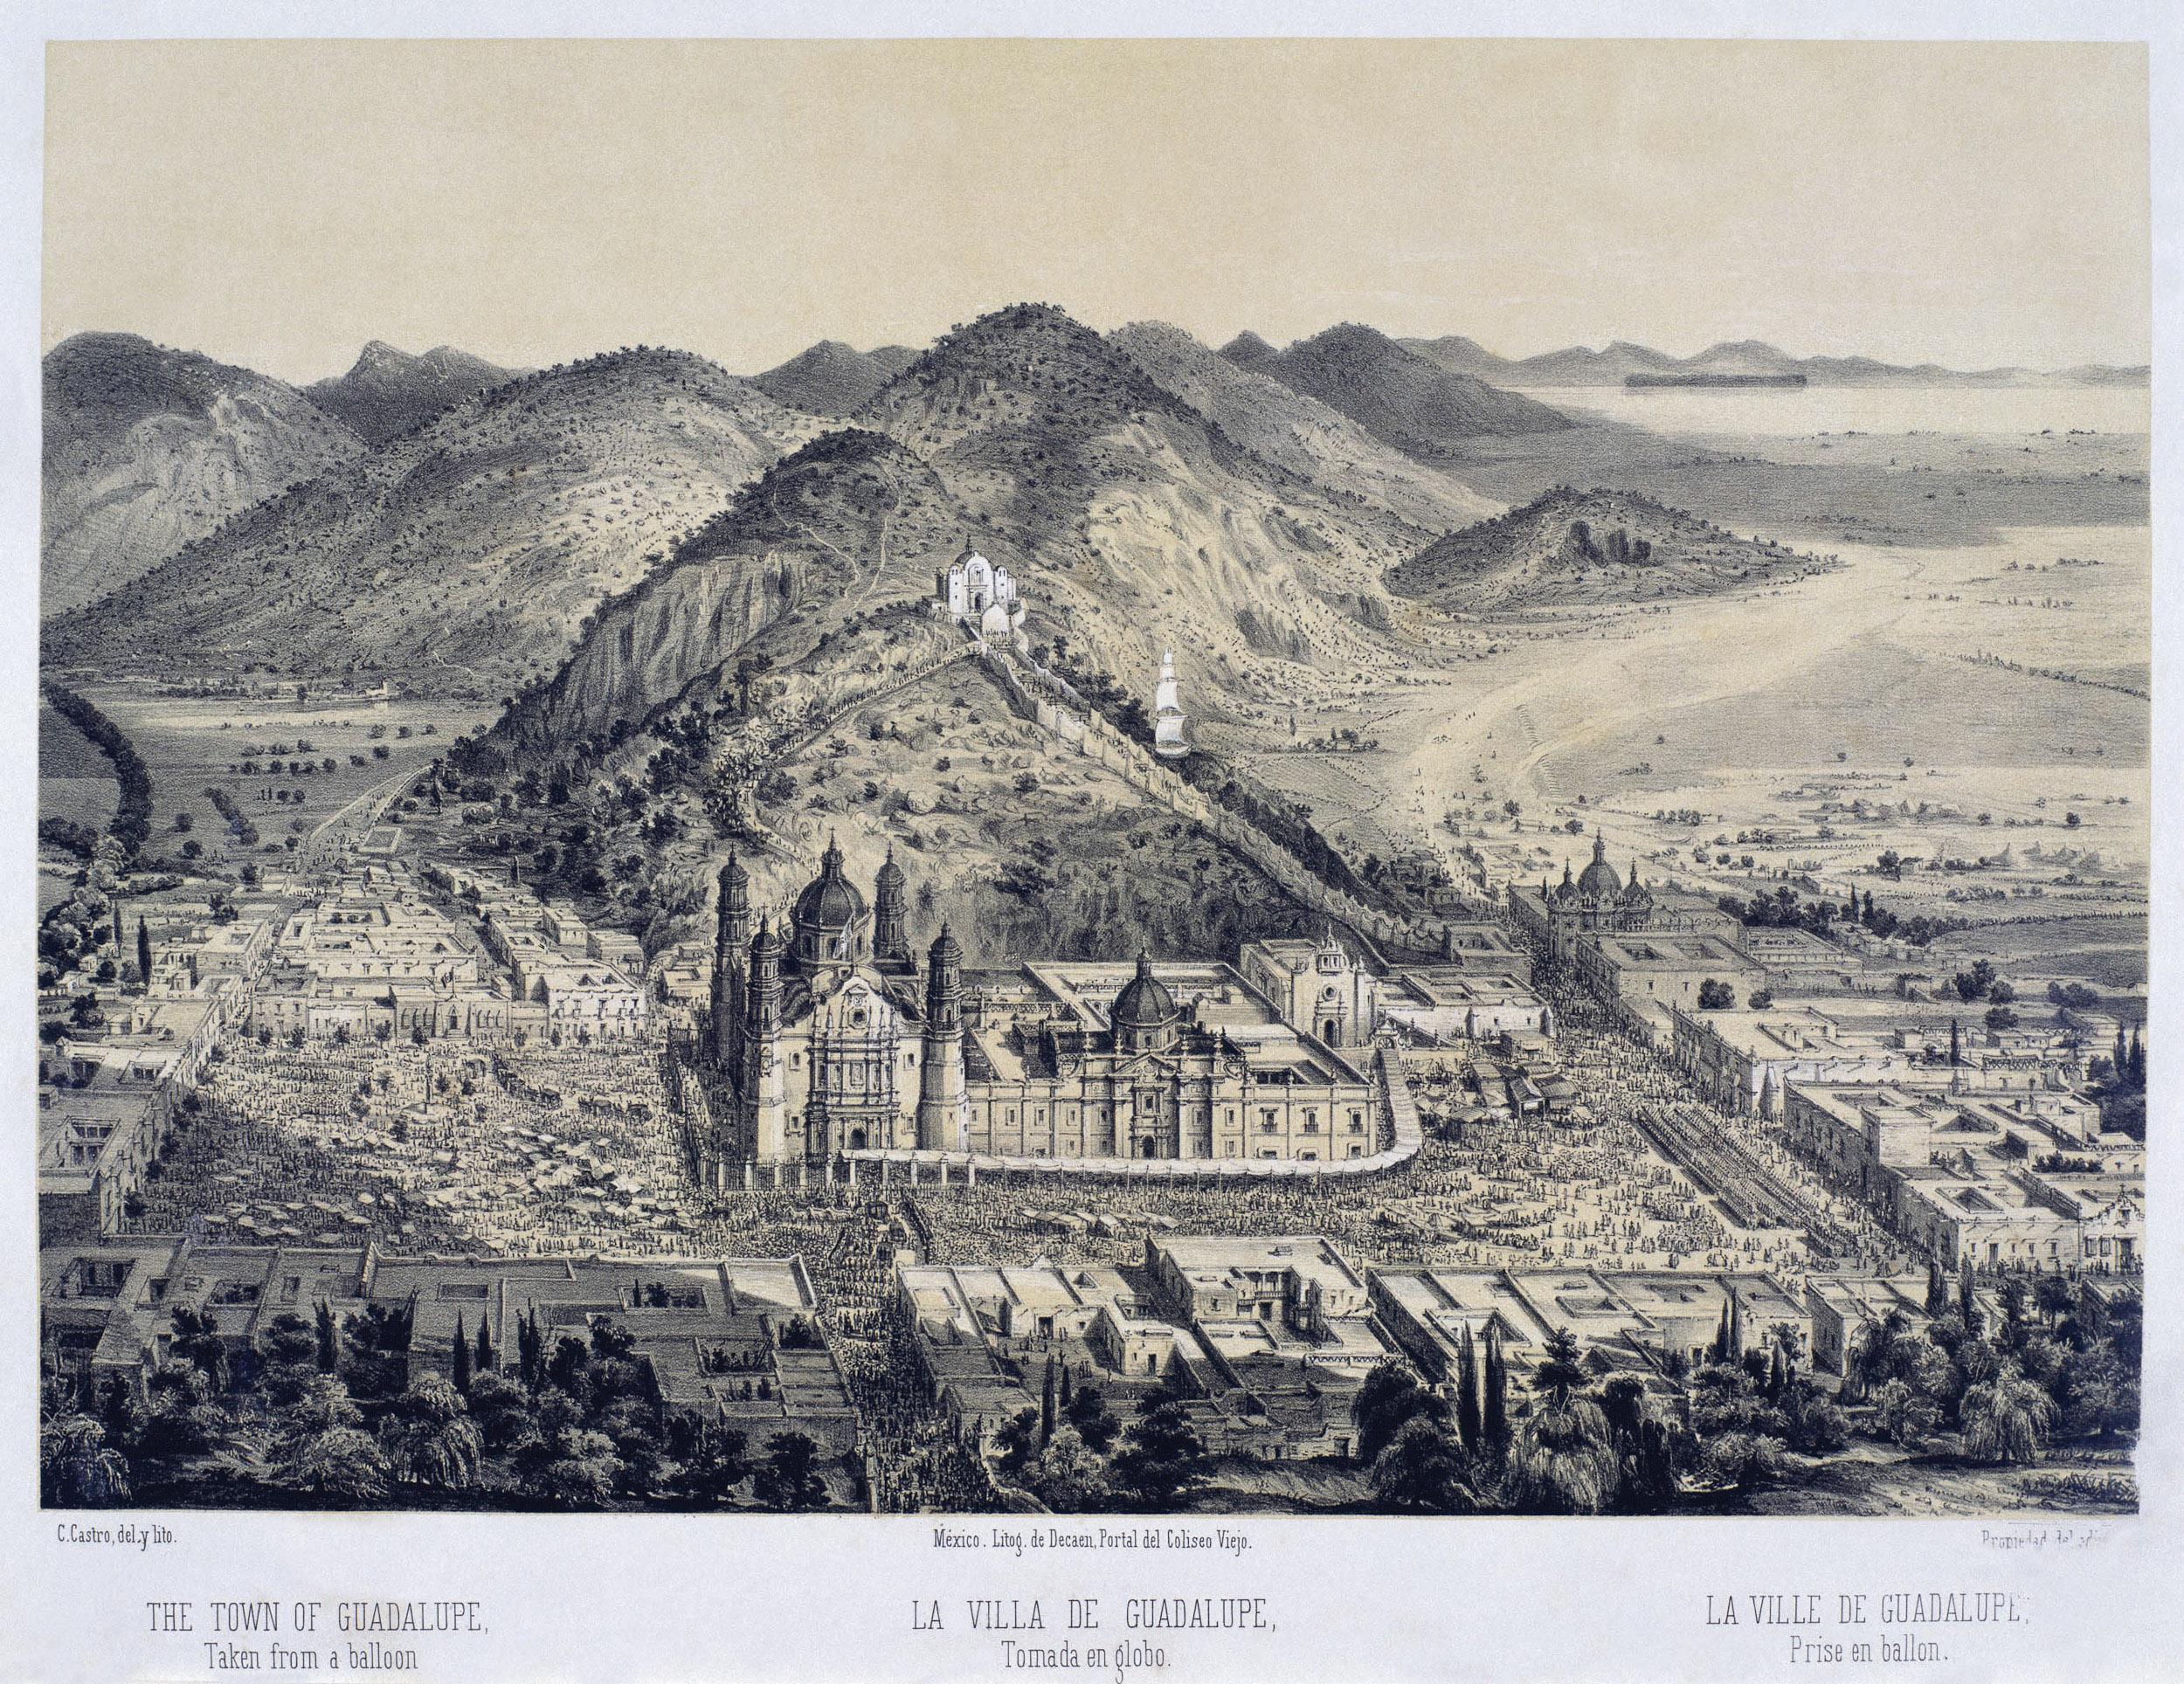 La Villa de Guadalupe tomada en globo – Works – Museo Nacional de Arte